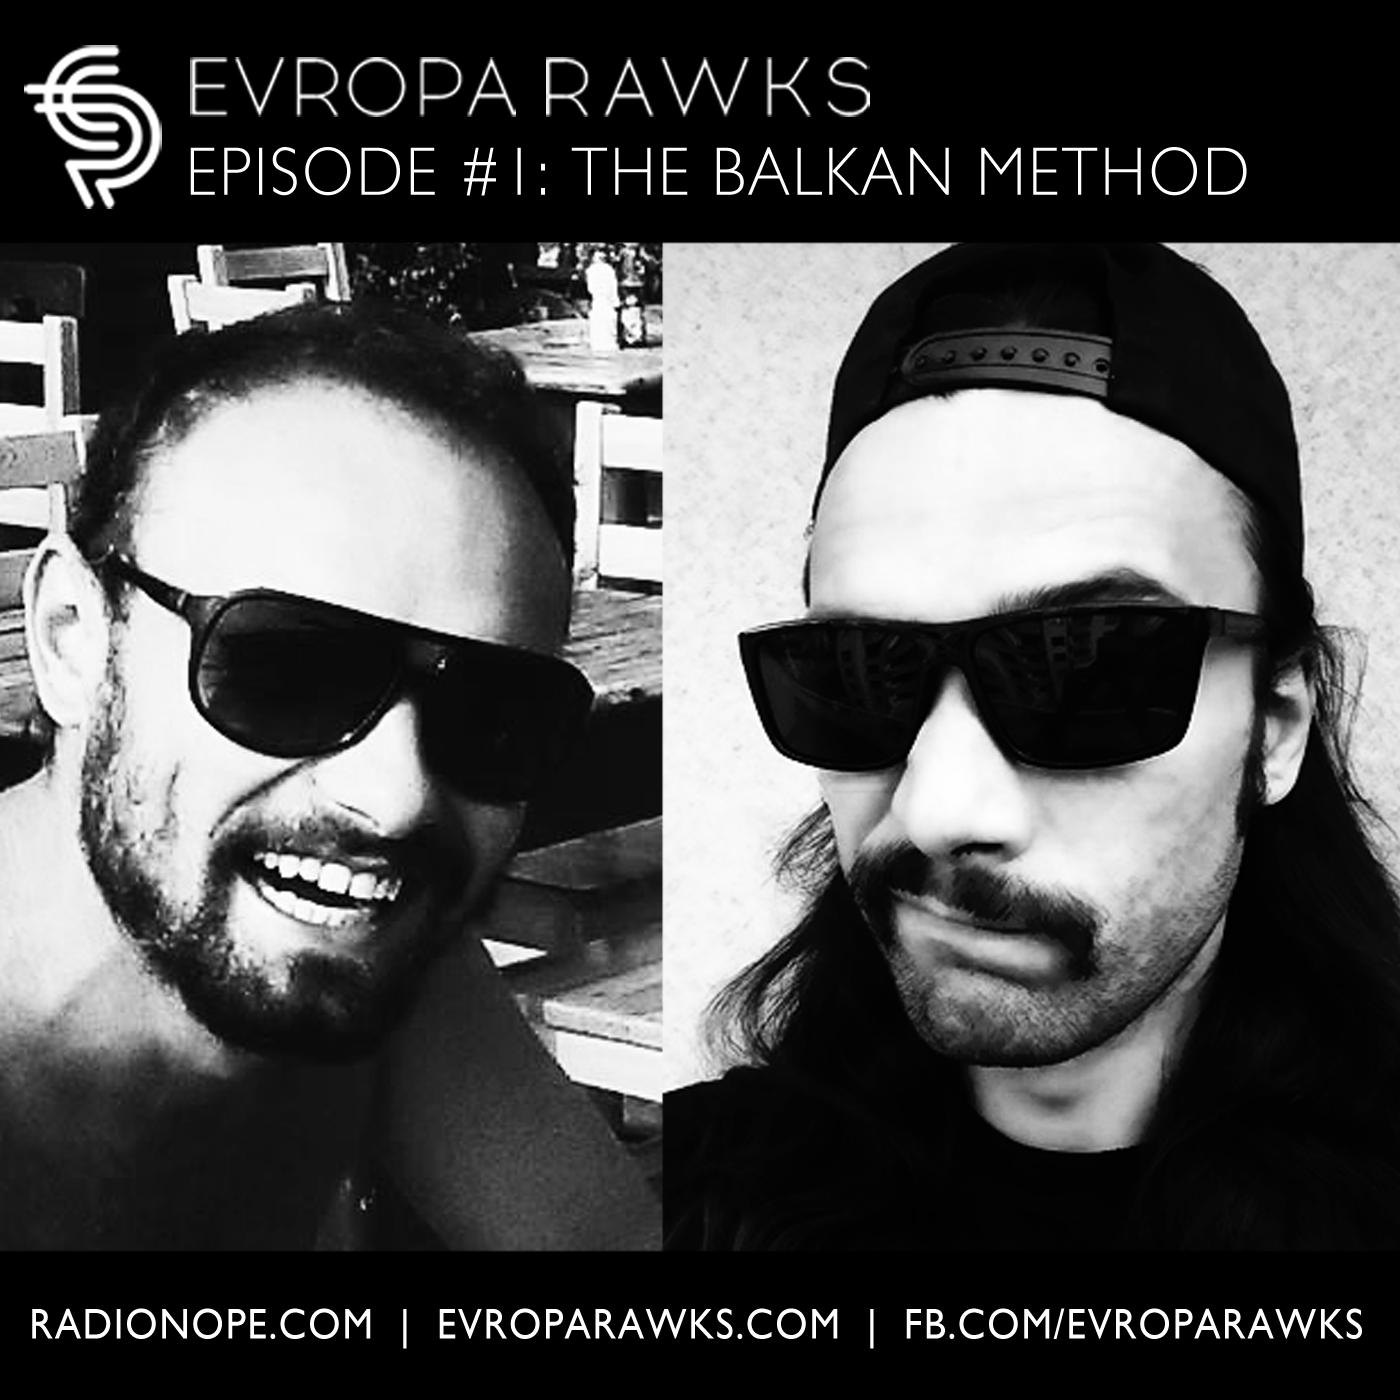 Episode #1 - The Balkan Method